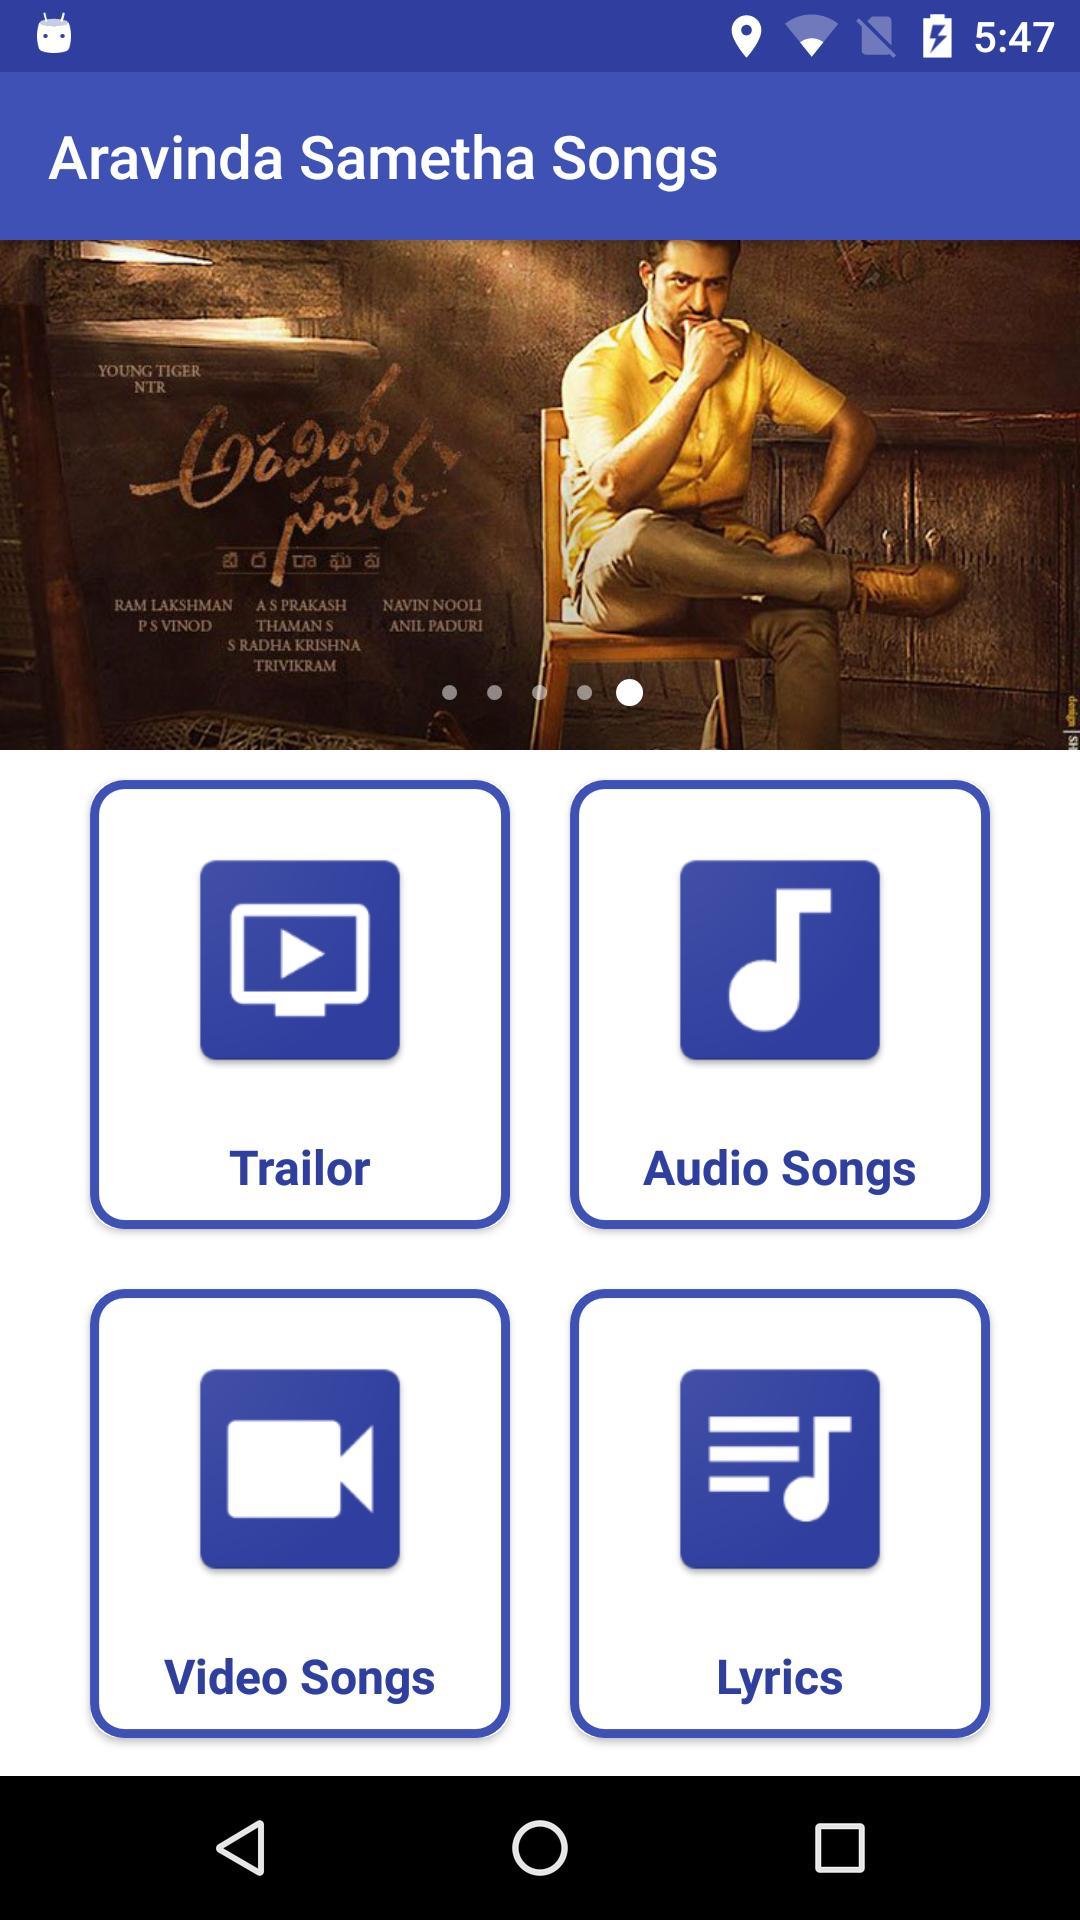 aravinda sametha lyrical video songs free download